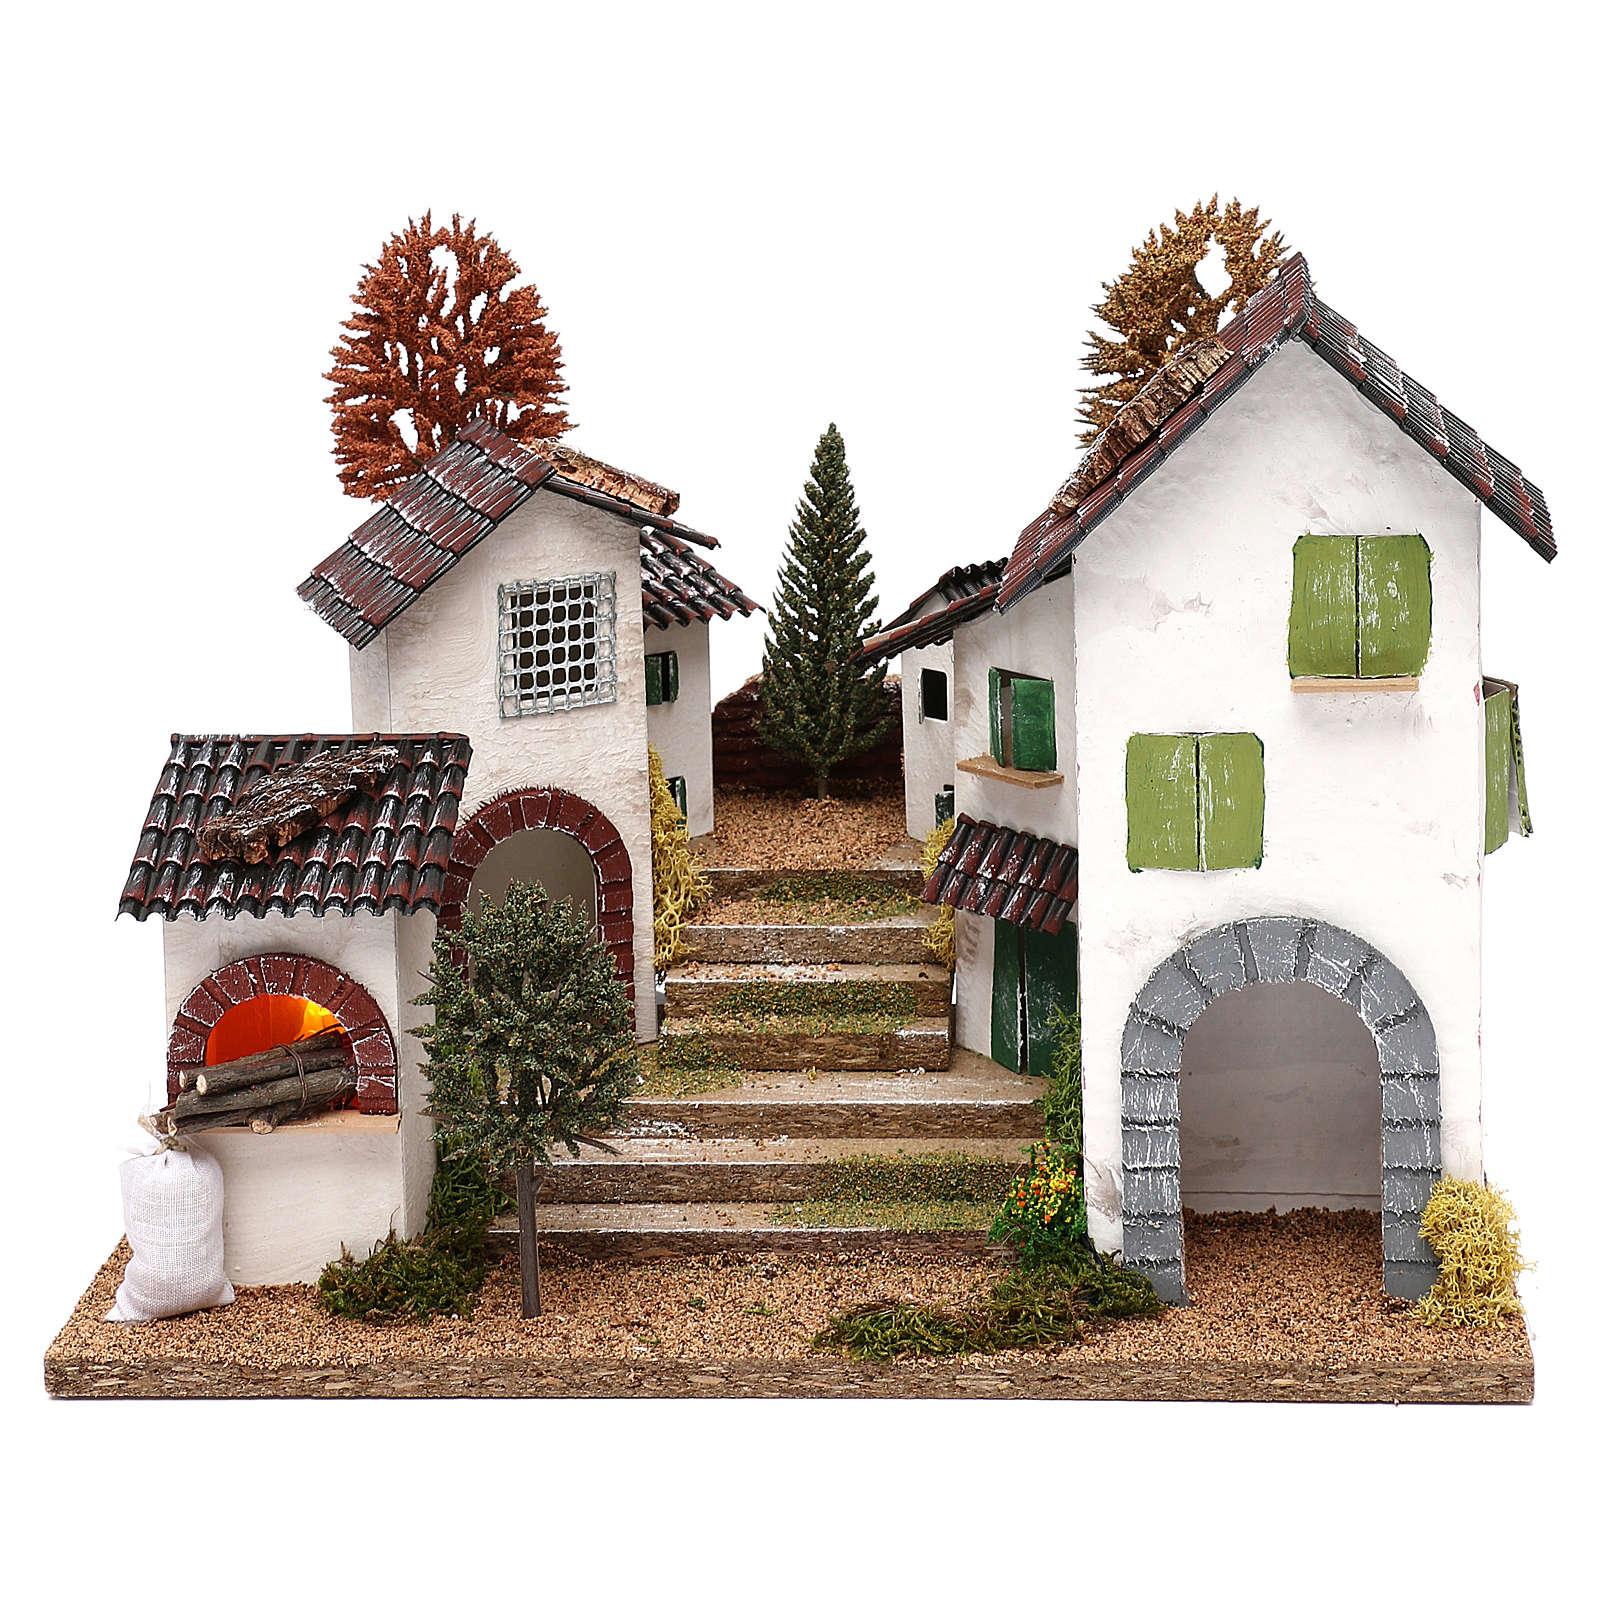 Pueblo con escalera, horno y luces belén 8-9 cm efecto nocturno 4